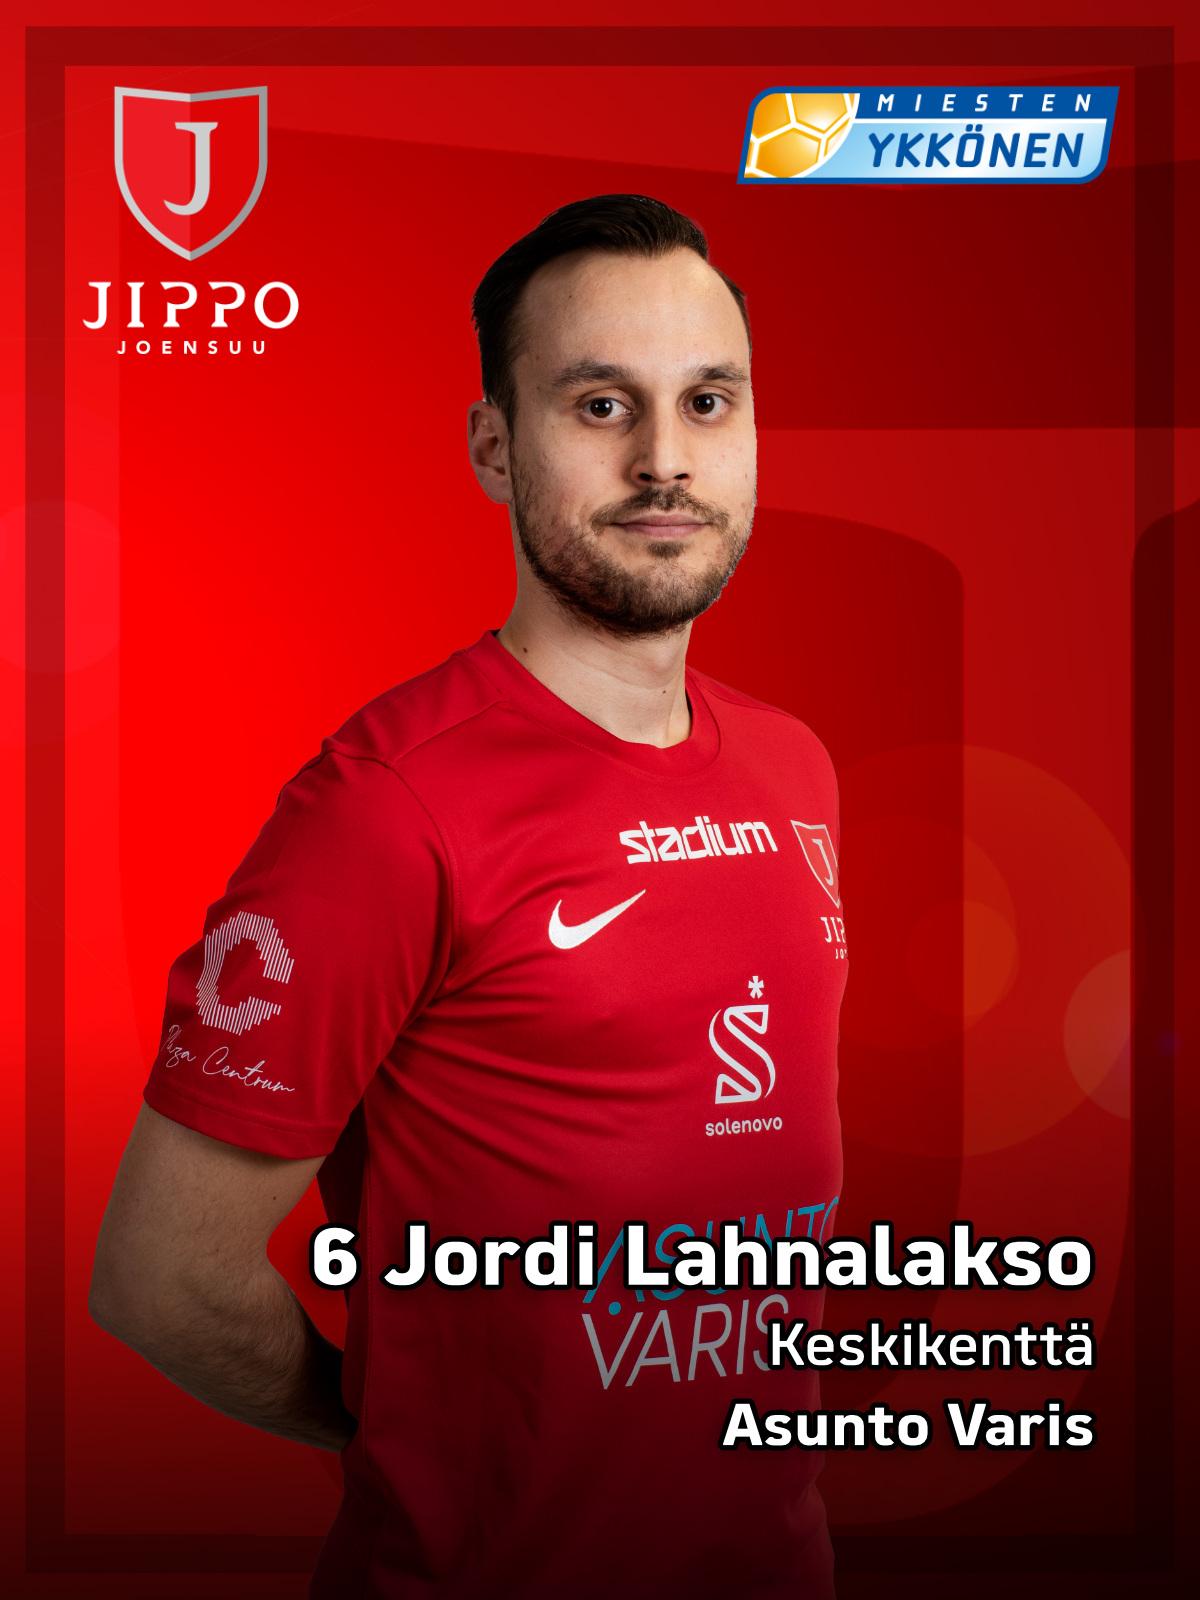 6 Jordi Lahnalakso